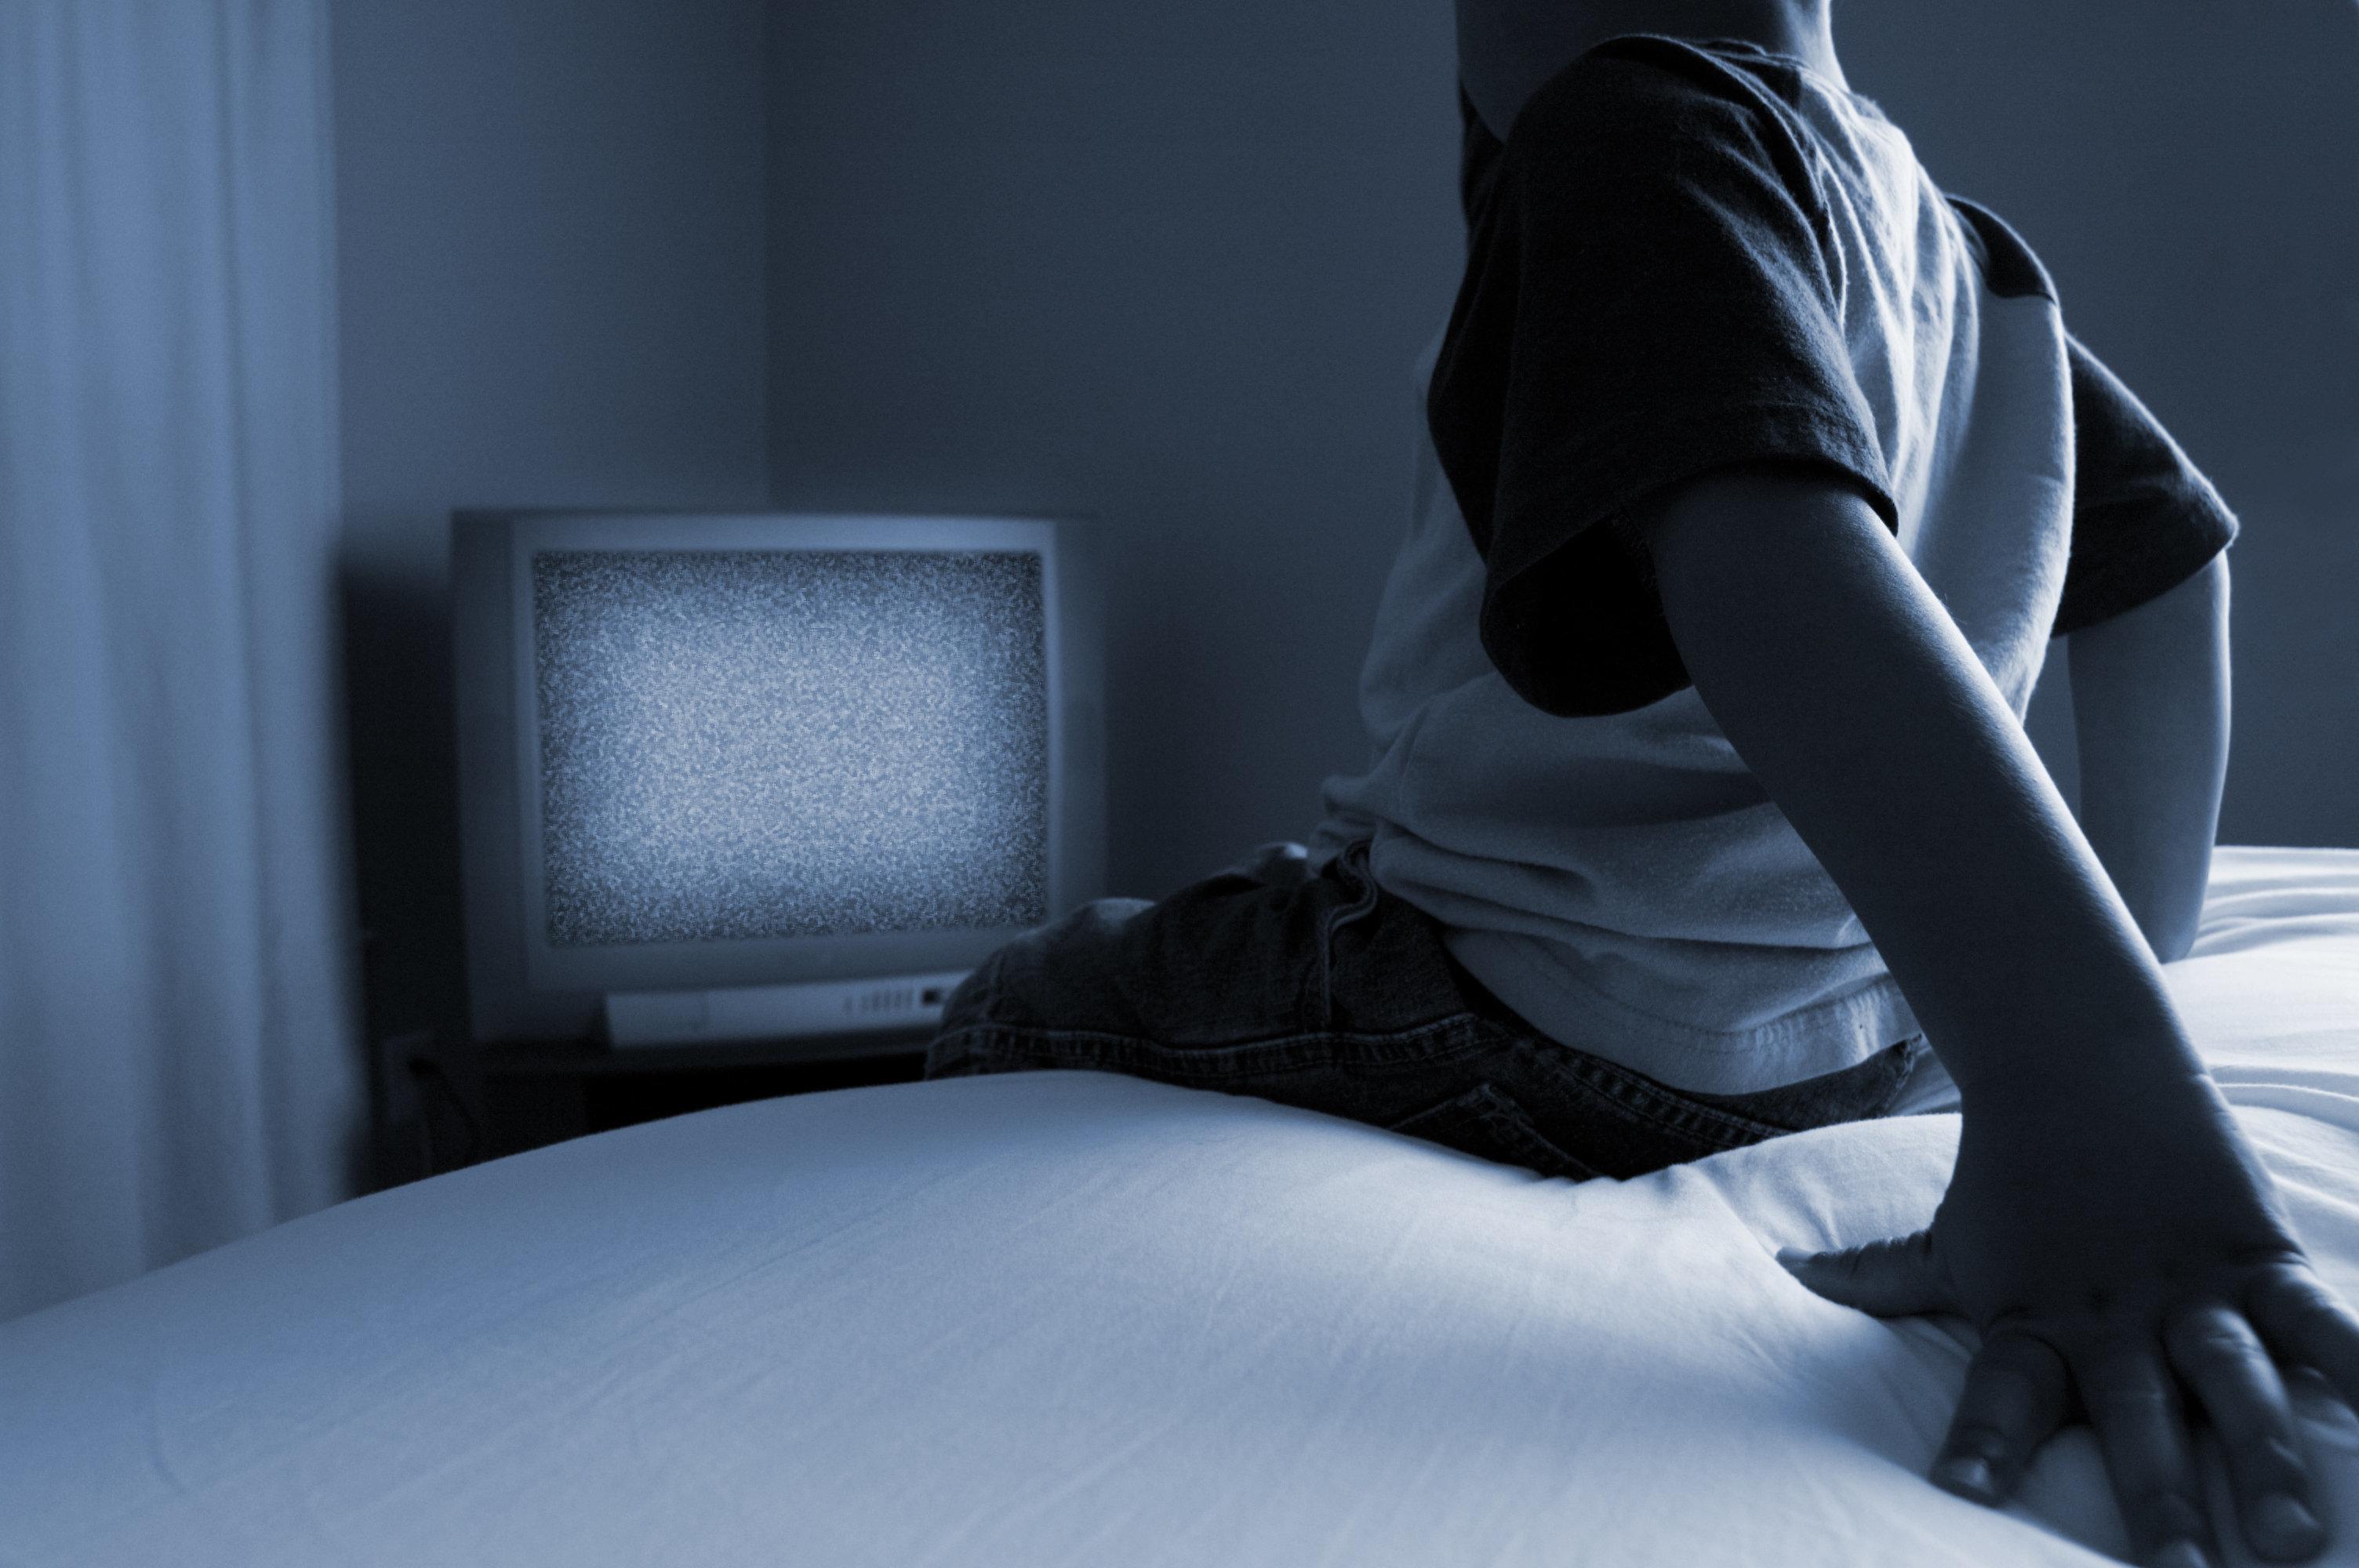 Wegen hoher Porno-Rechnung: So bestraft eine Mutter ihren 11-jährigen Sohn